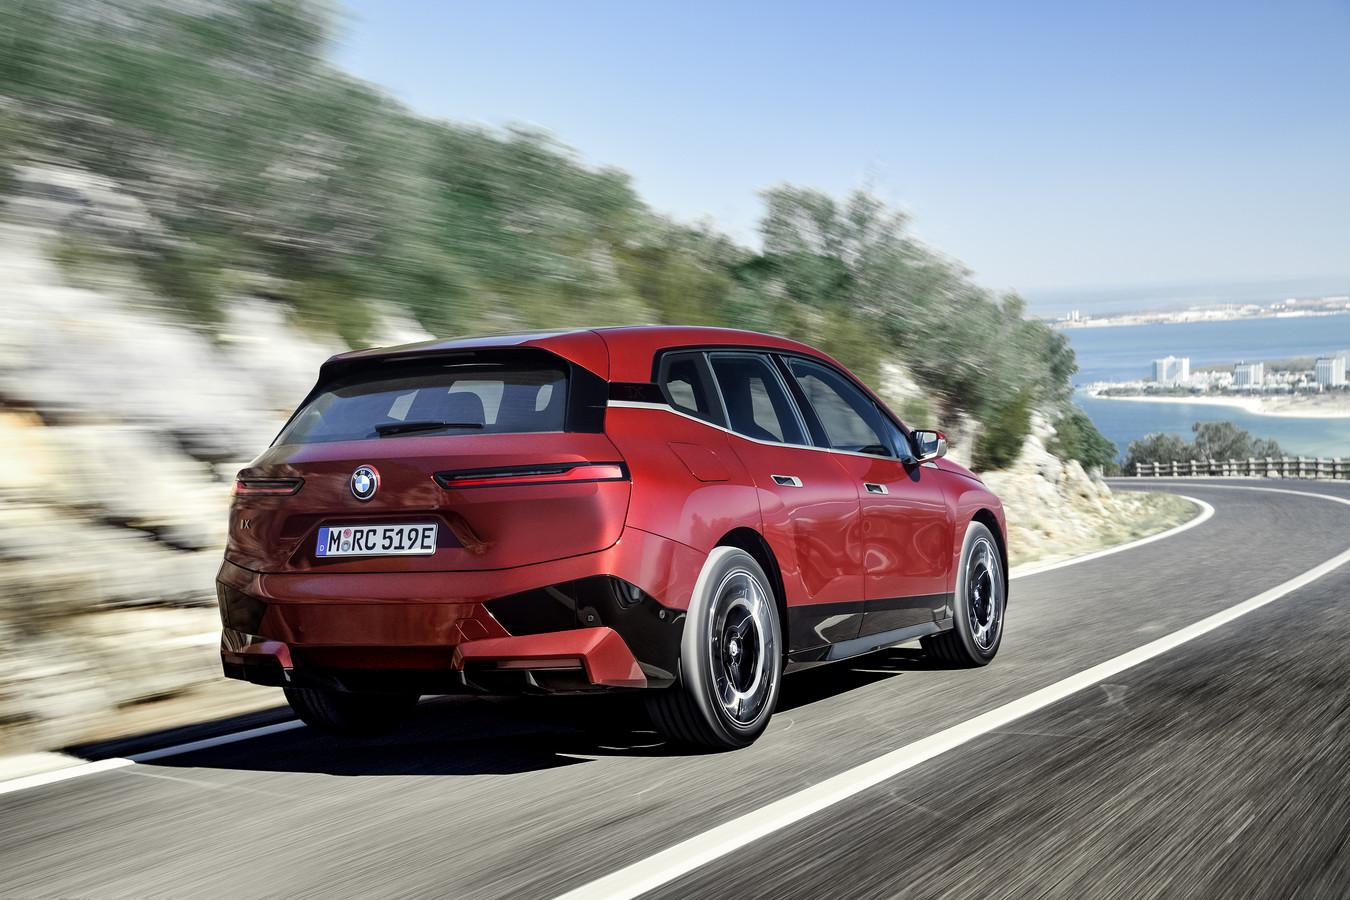 De nieuwe BMW iX kan straks draadloos worden 'opgewaardeerd'